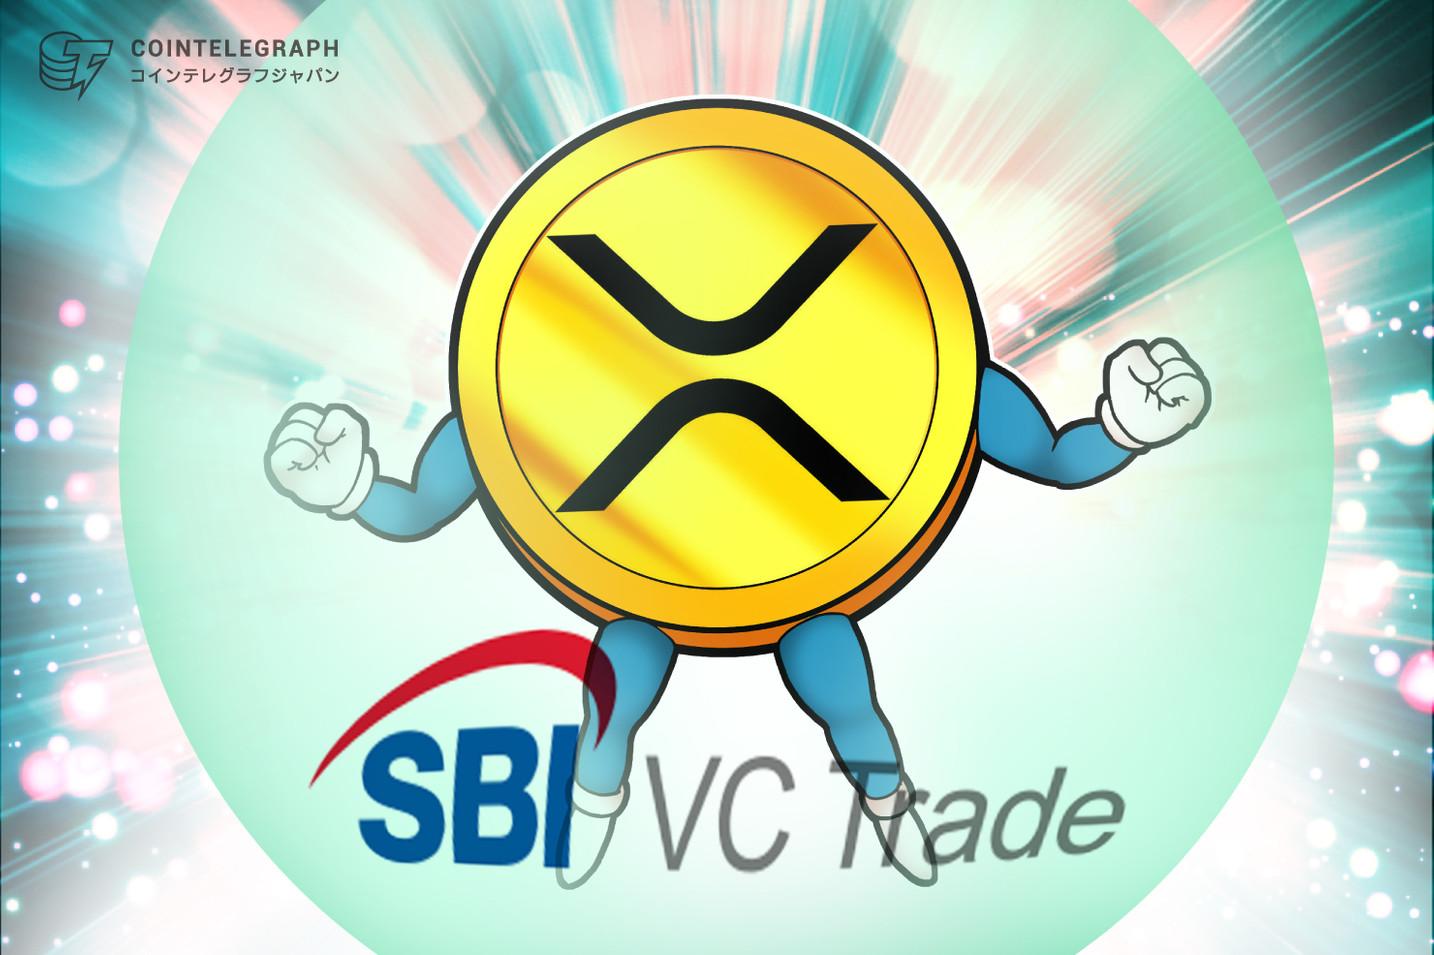 仮想通貨XRP最大20万円相当がもらえる! SBI VCトレードがプレゼントキャンペーン実施中。SBIグループが仮想通貨事業で本気な理由とは?